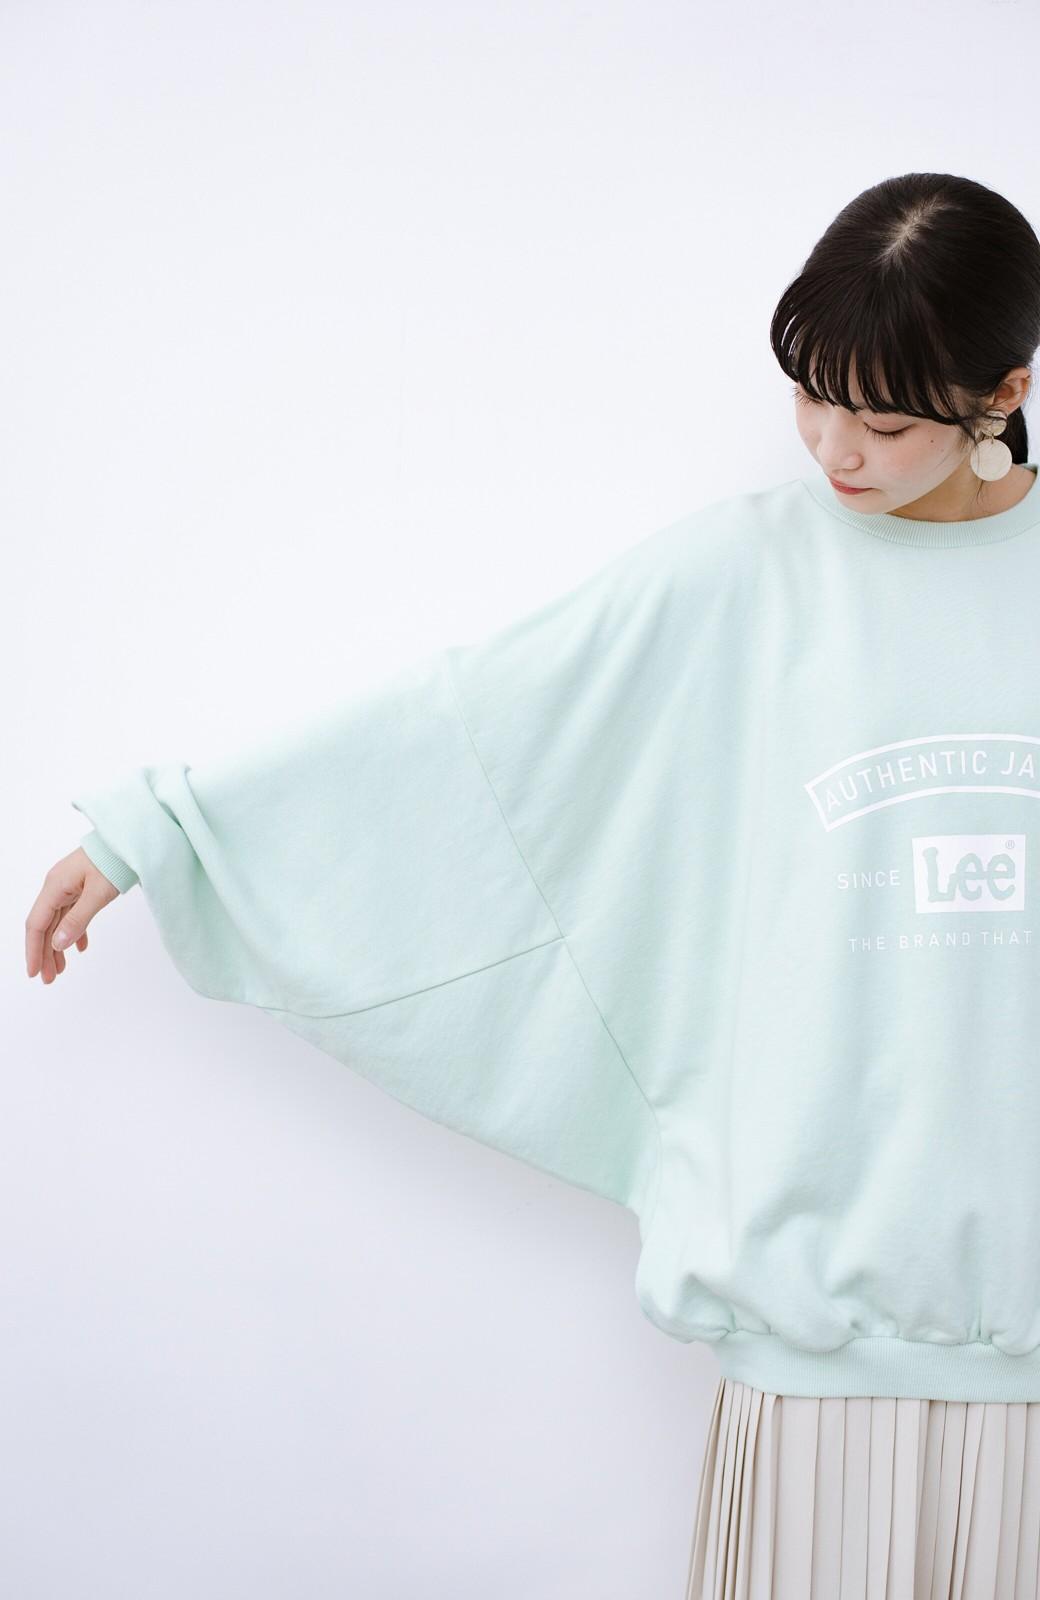 haco! Lady Lee メンズライクなだぼっとサイズ マカロンカラーが可愛いプルオーバー <ミント>の商品写真15